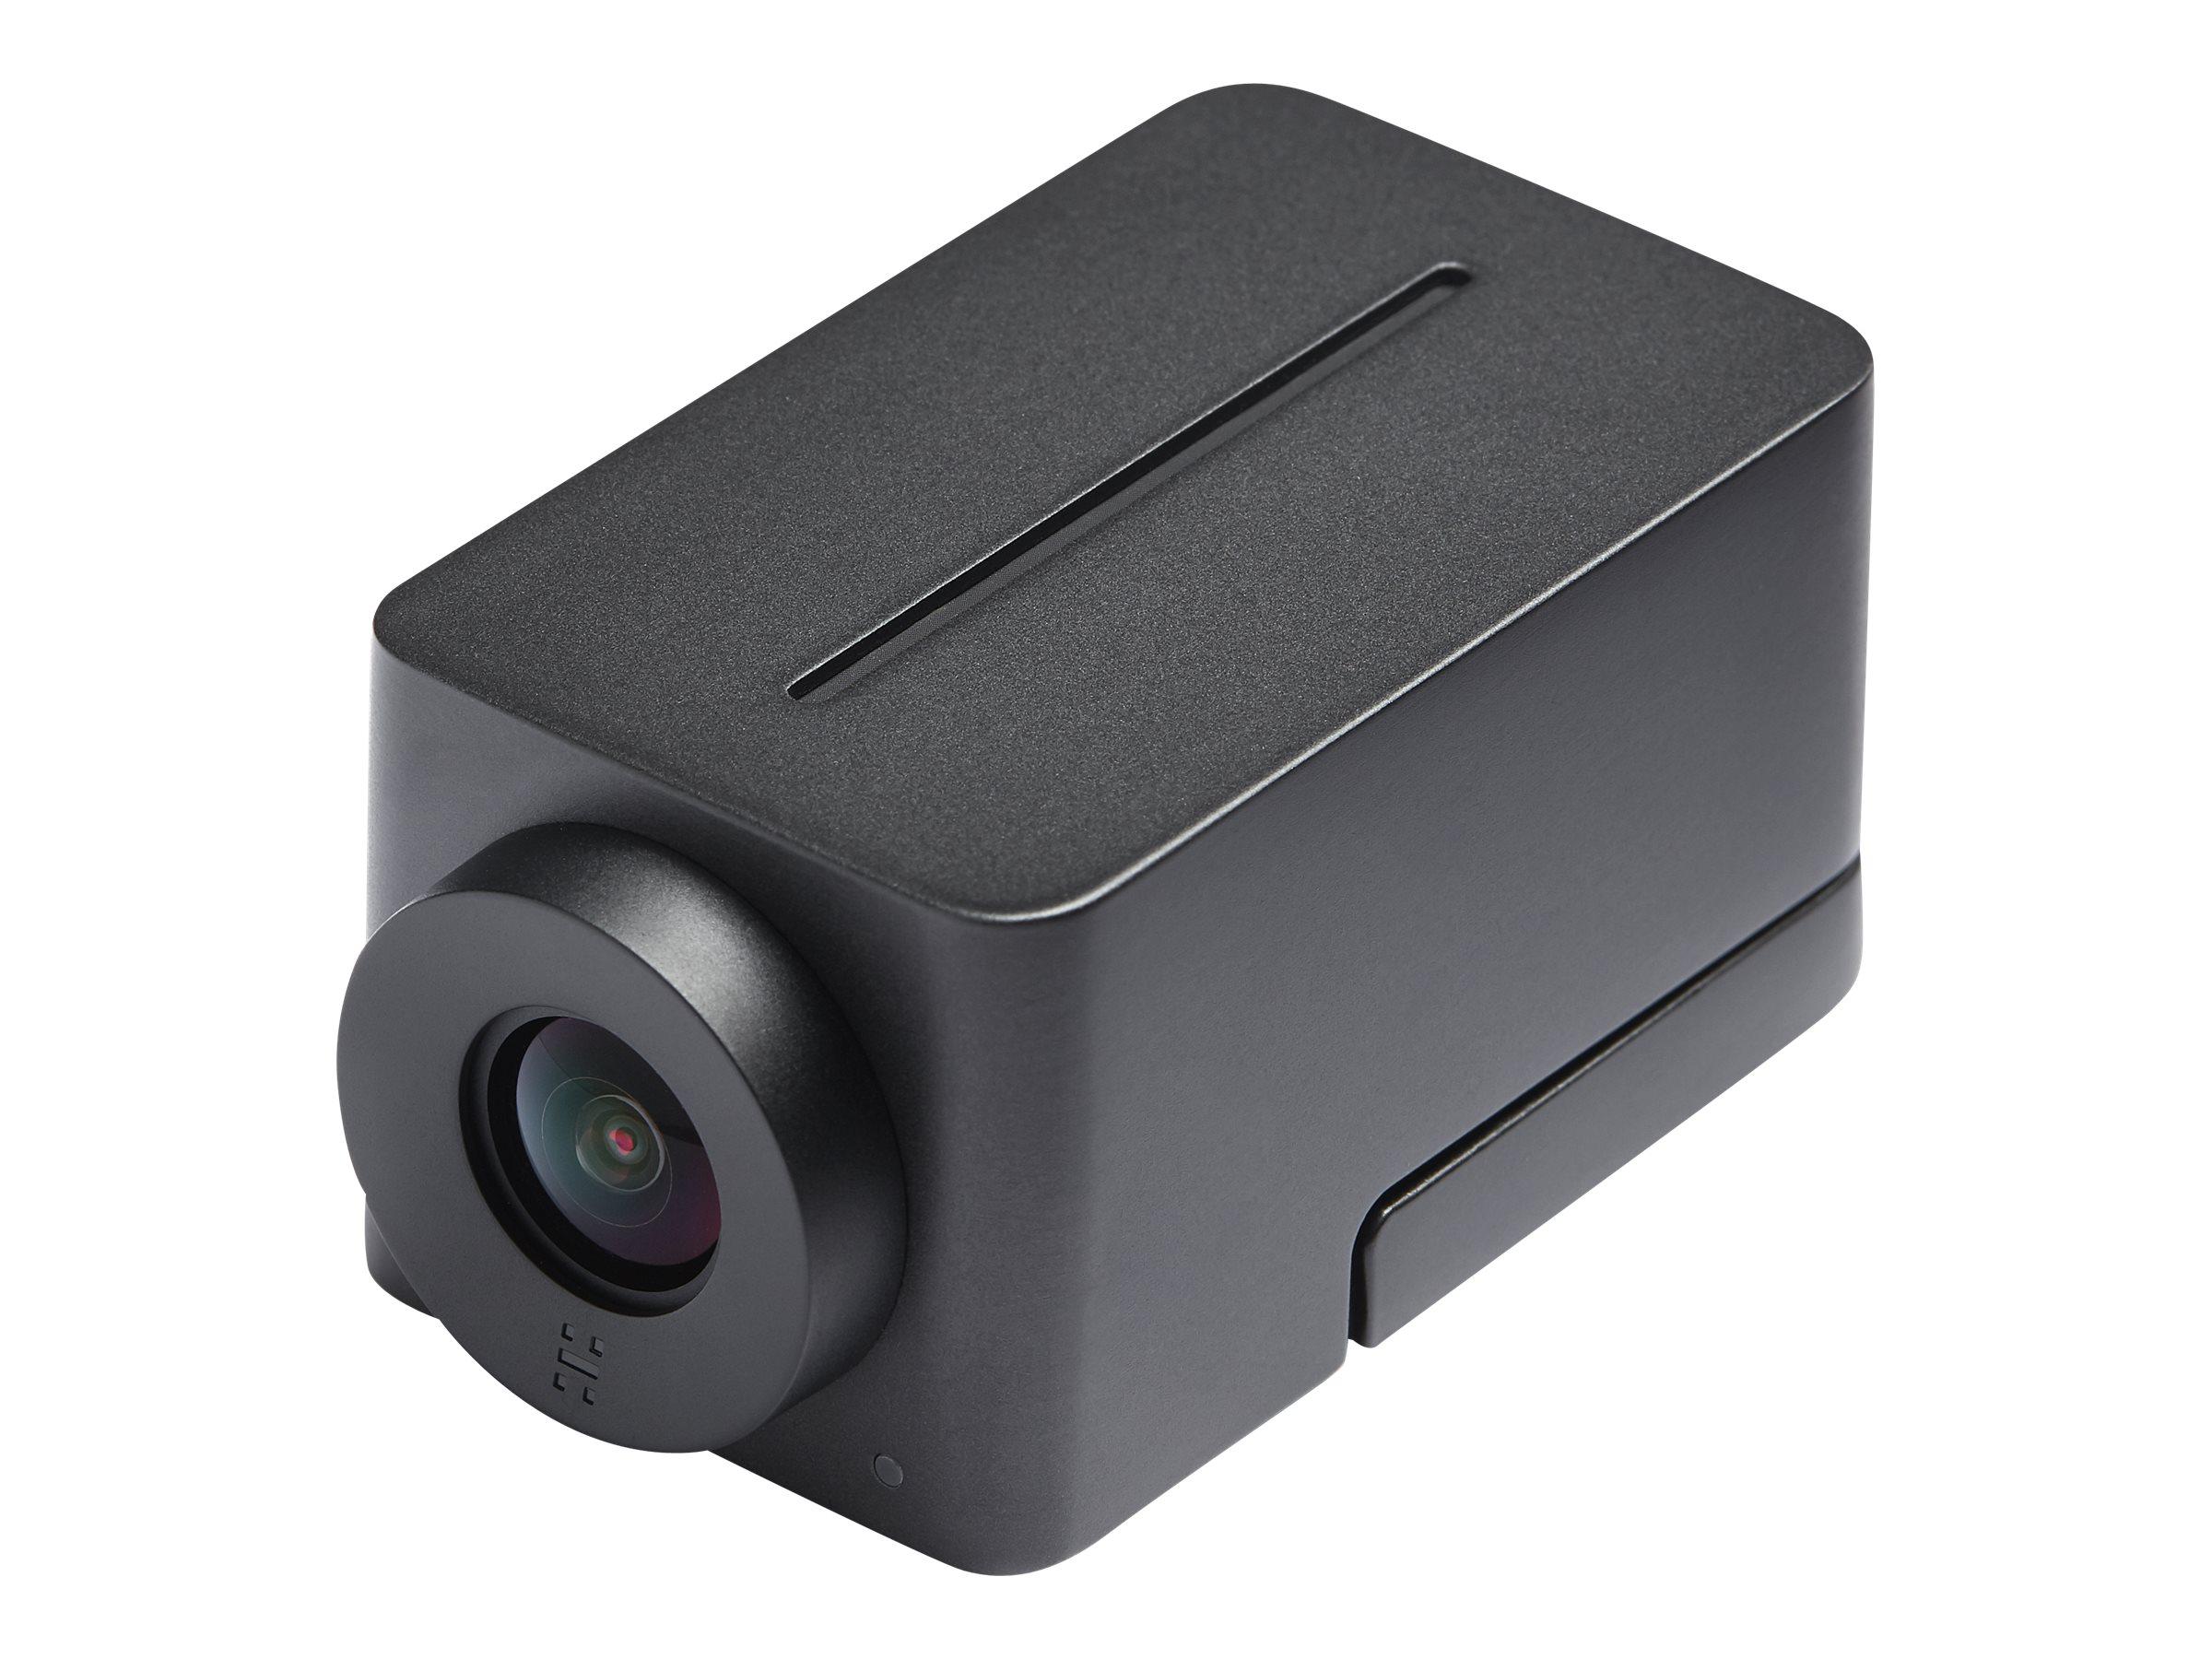 Huddly IQ - Konferenzkamera - Farbe - 12 MP - Audio - USB 3.0